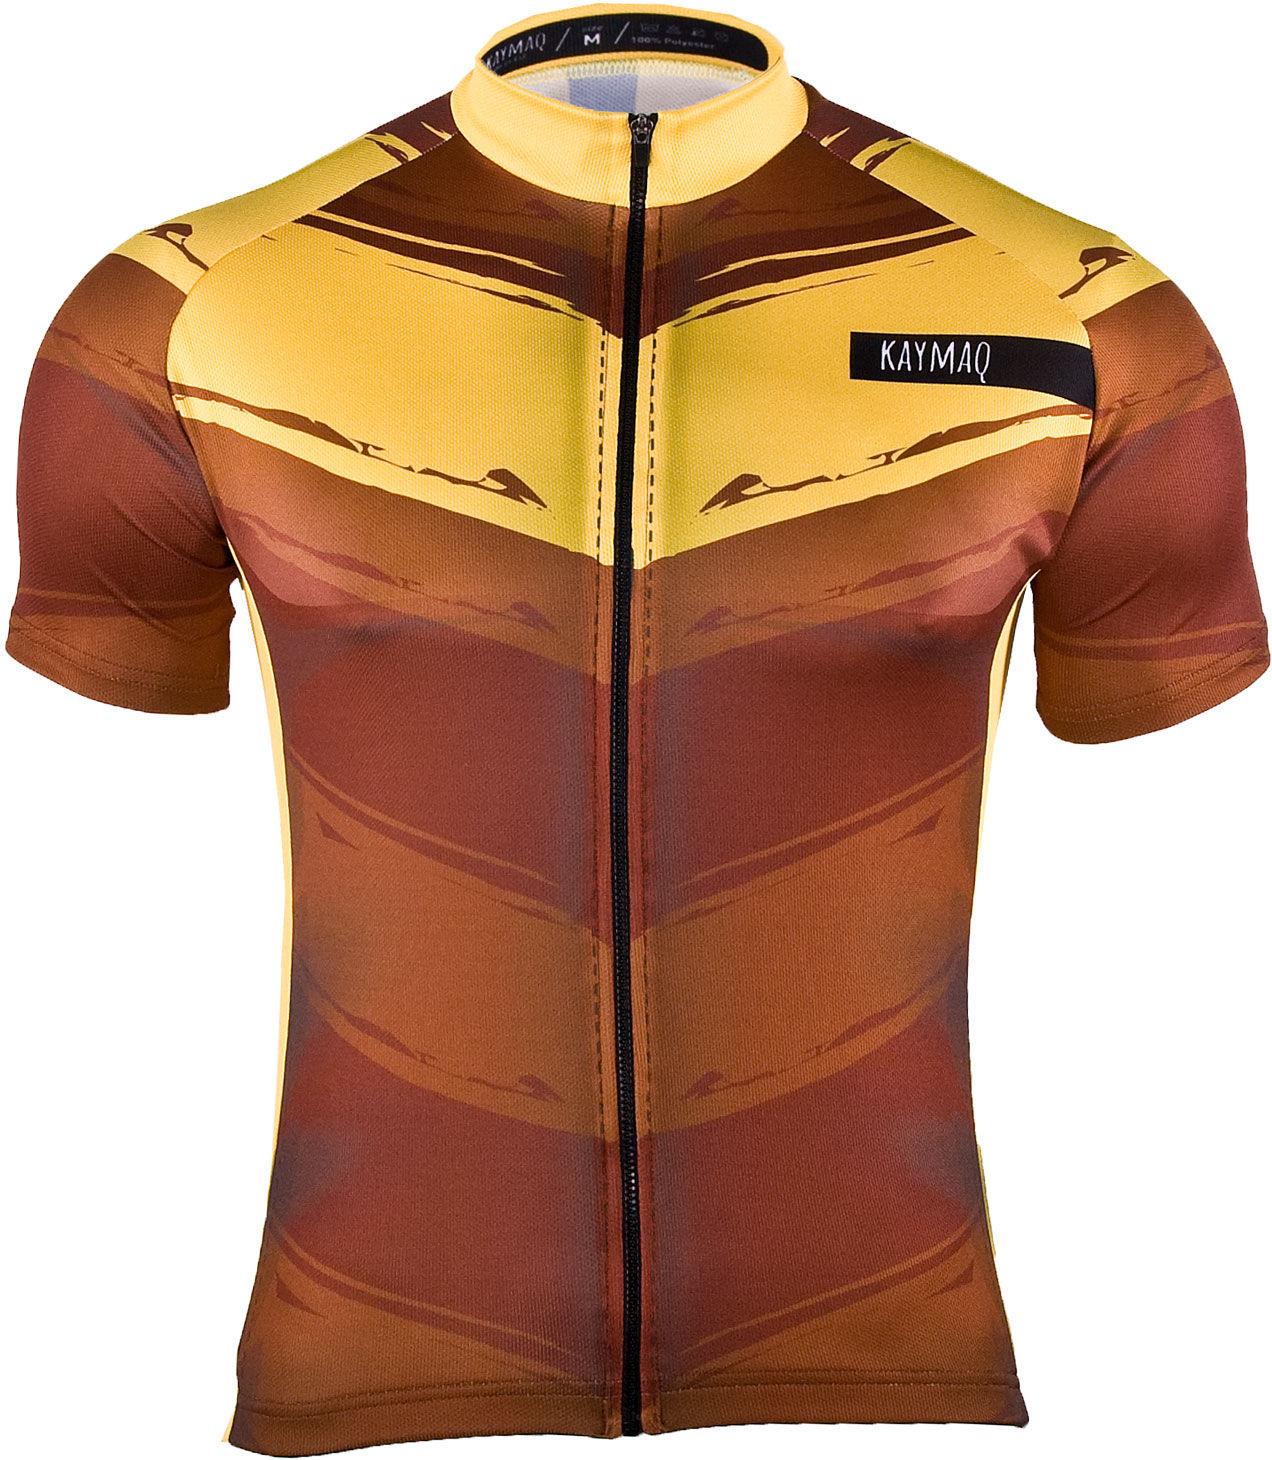 KAYMAQ M13 męska koszulka rowerowa z krótkim rękawem brązowa Rozmiar: L,kaymaq-m13